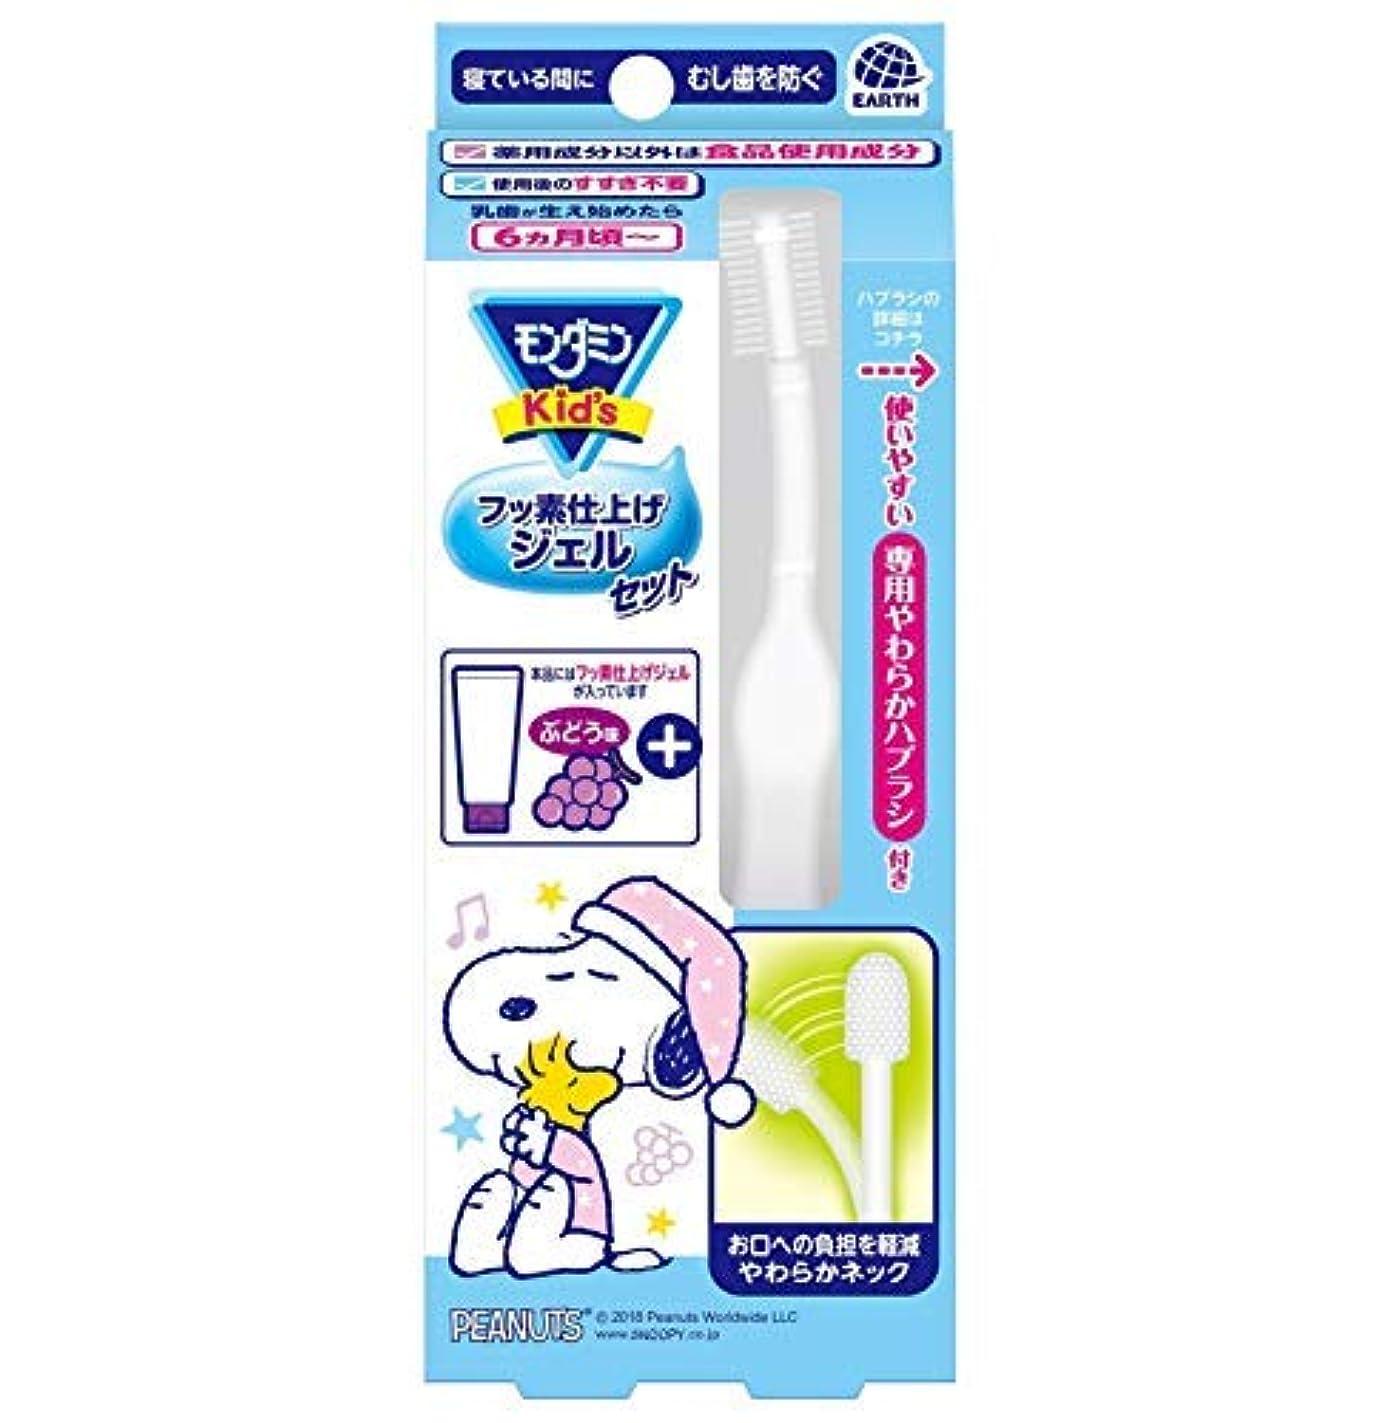 フィットネス攻撃的パークモンダミンKid's フッ素仕上げジェルセット ぶどう味 × 2個セット